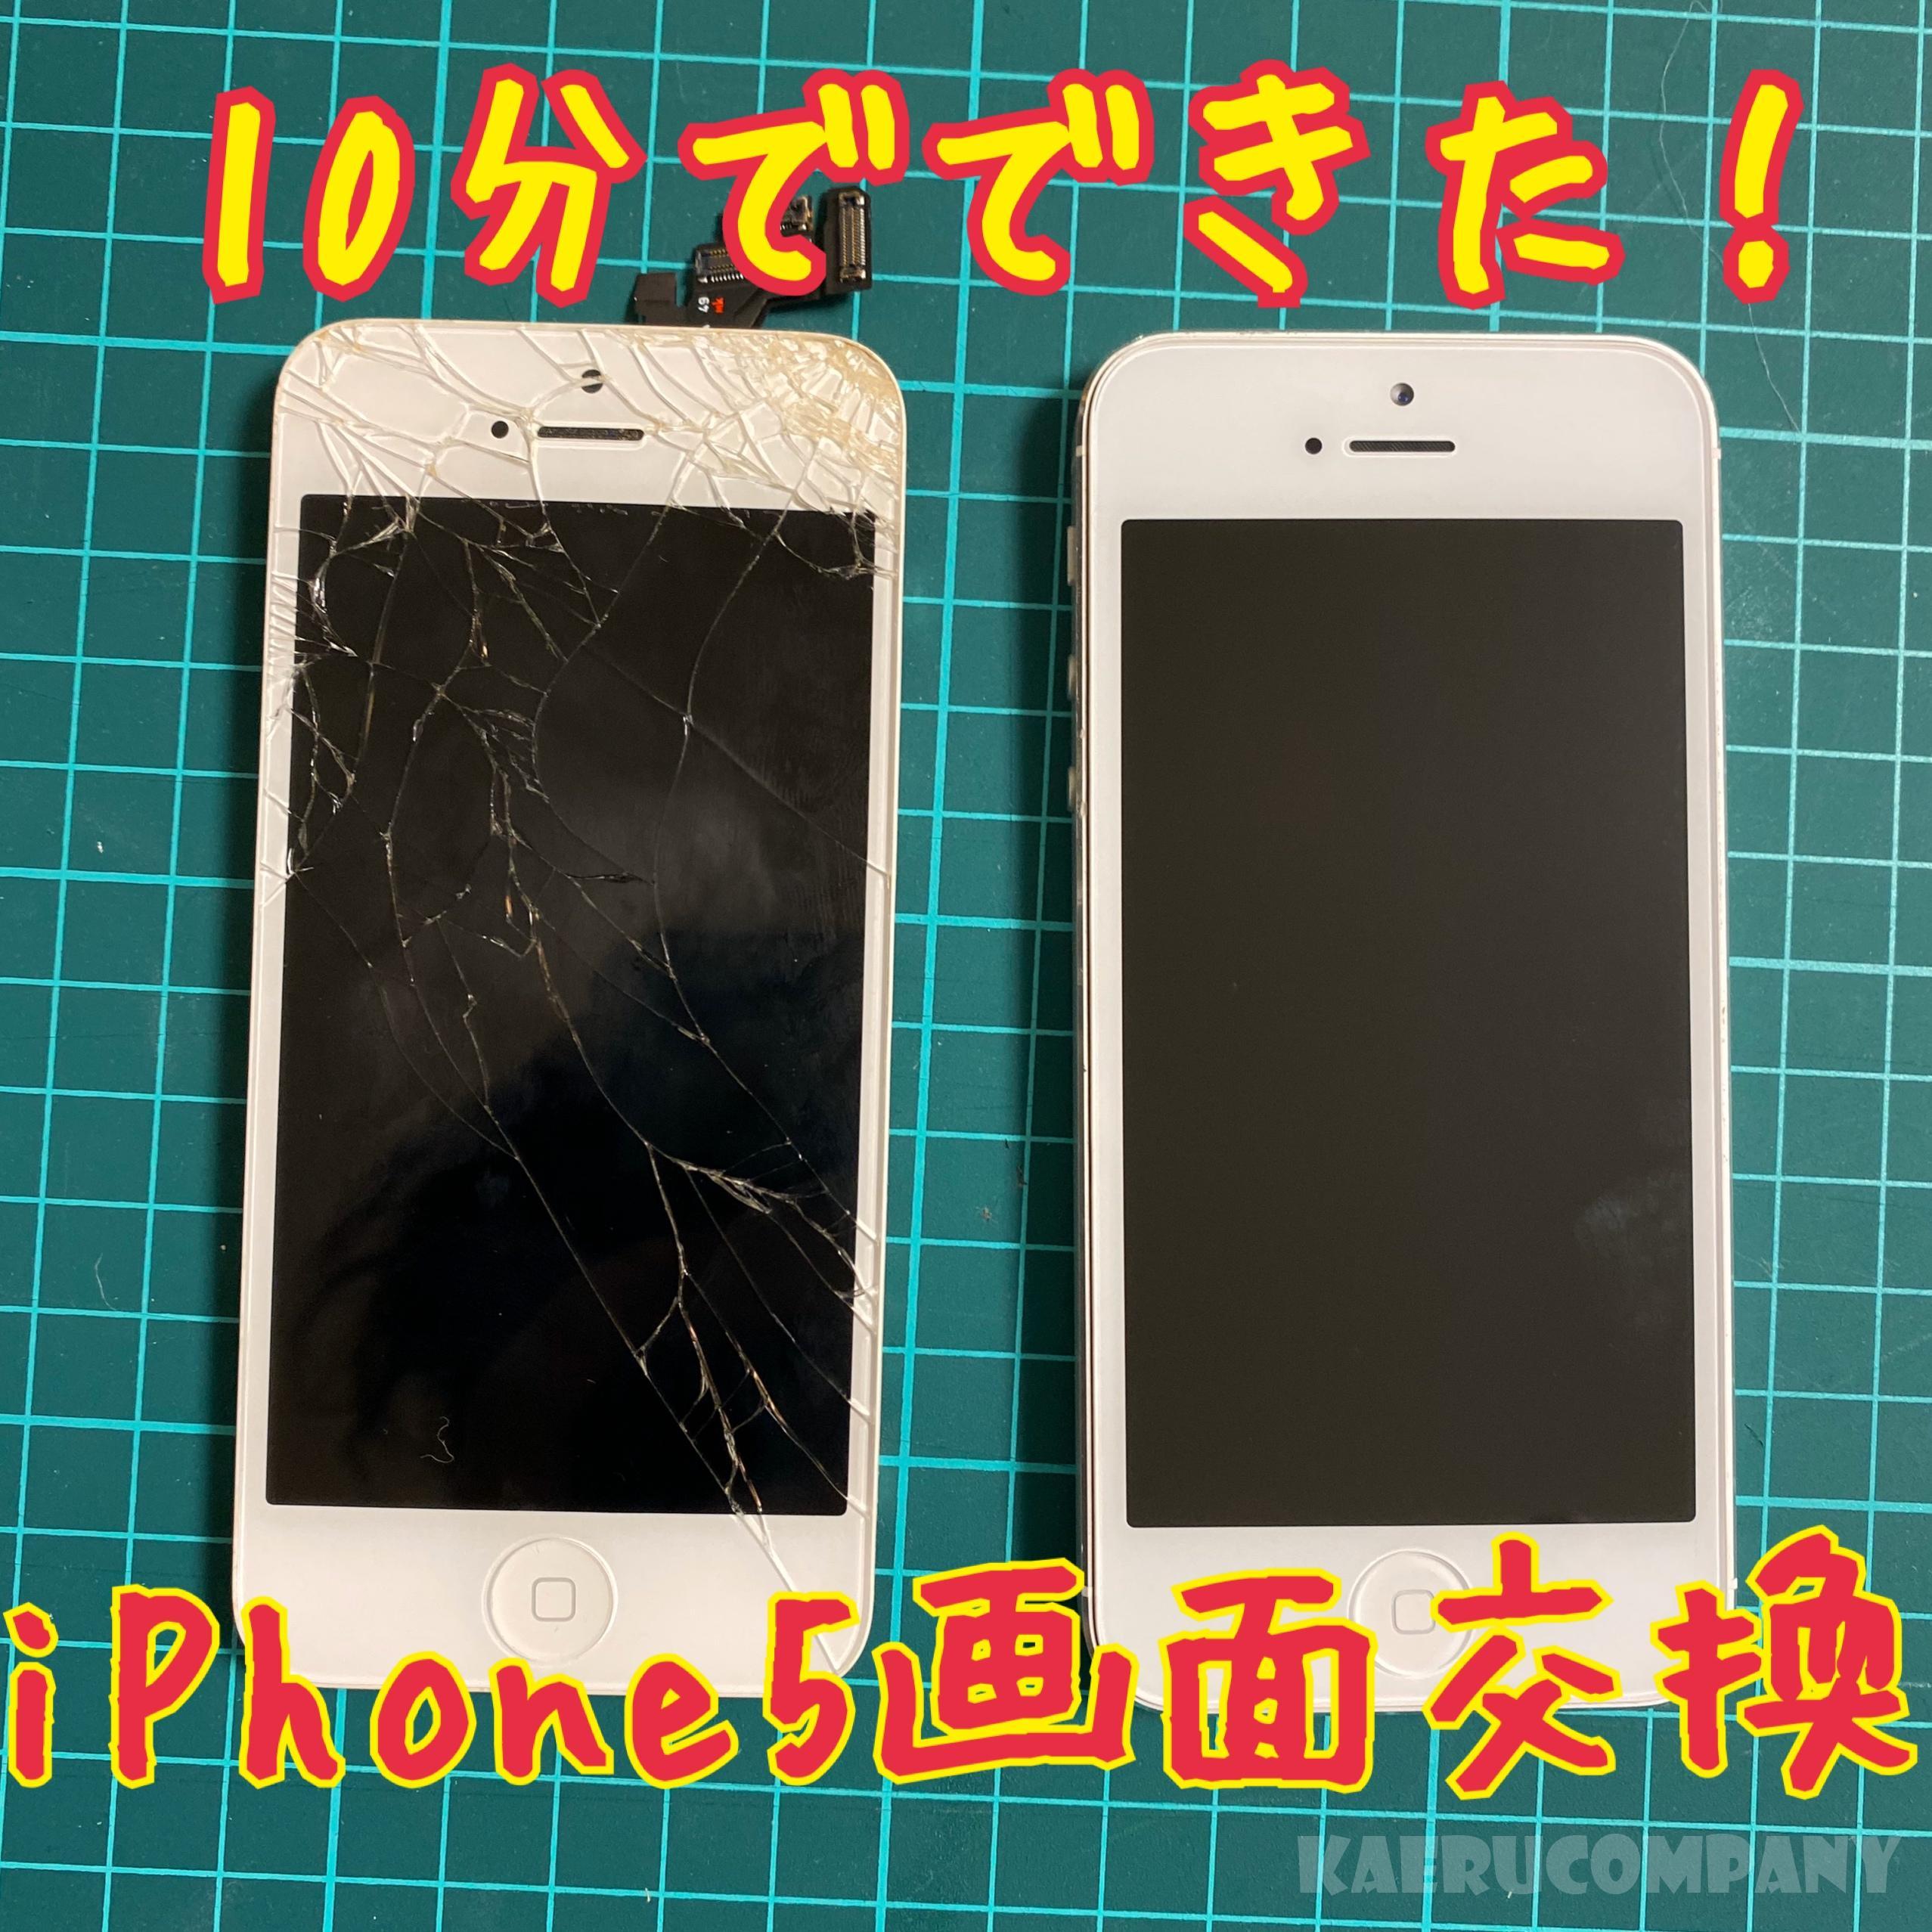 超簡単!!10分でできるiphone5のフロントパネル交換